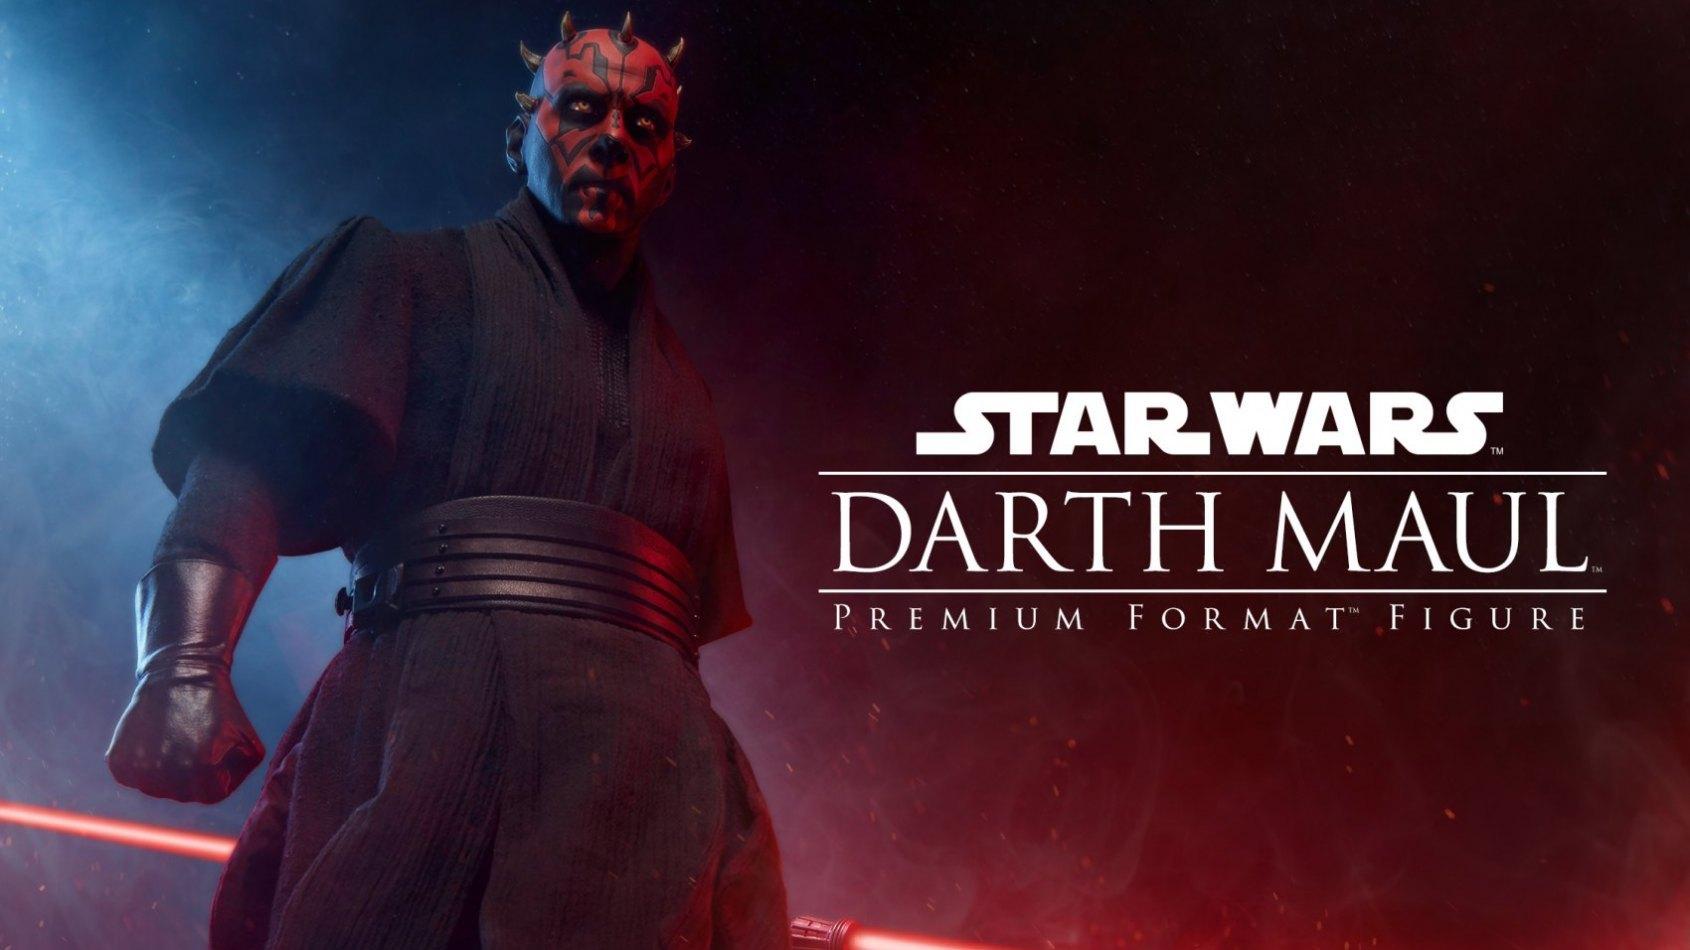 La figurine de Darth Maul annoncée en Format Premium chez Sideshow